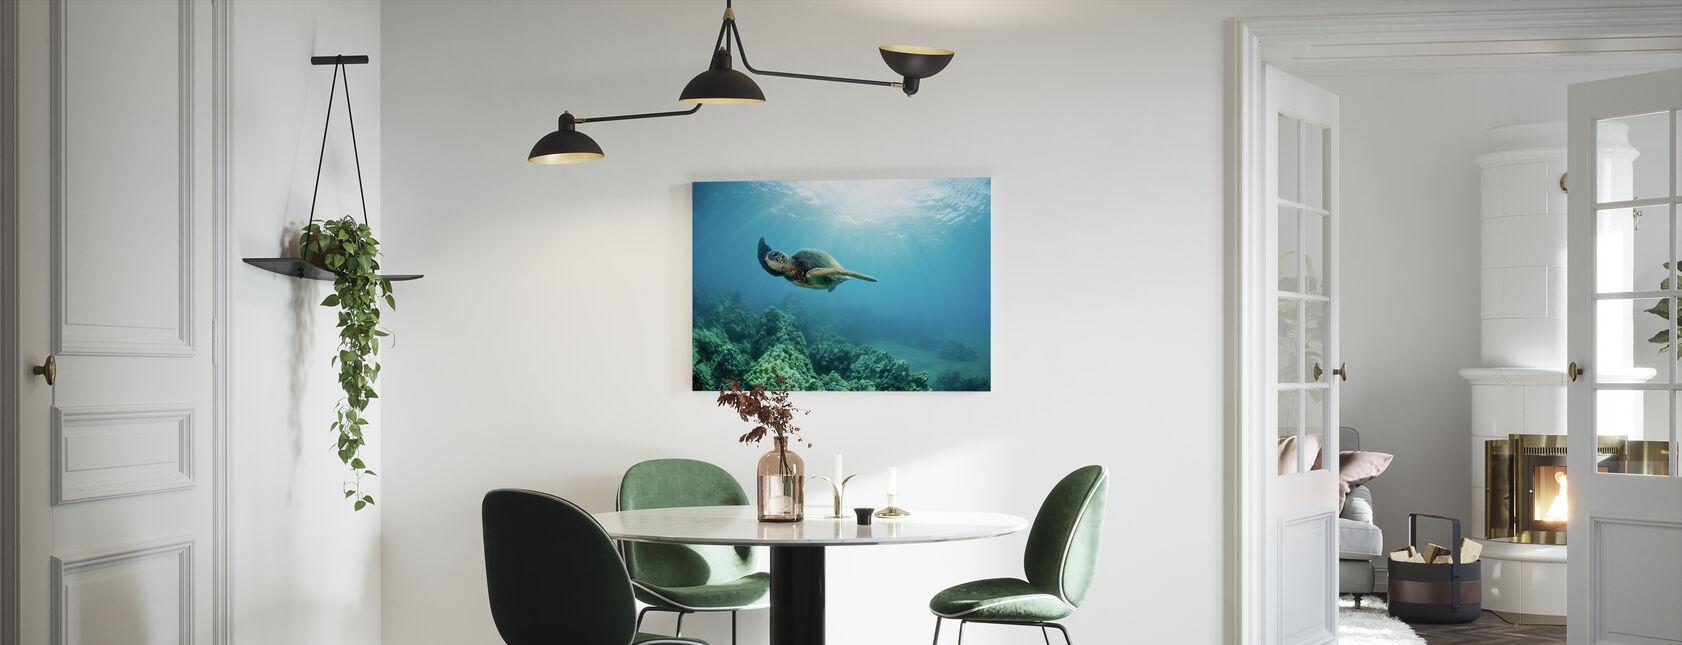 Hawaiian Green Sea Skildpadde - Billede på lærred - Køkken